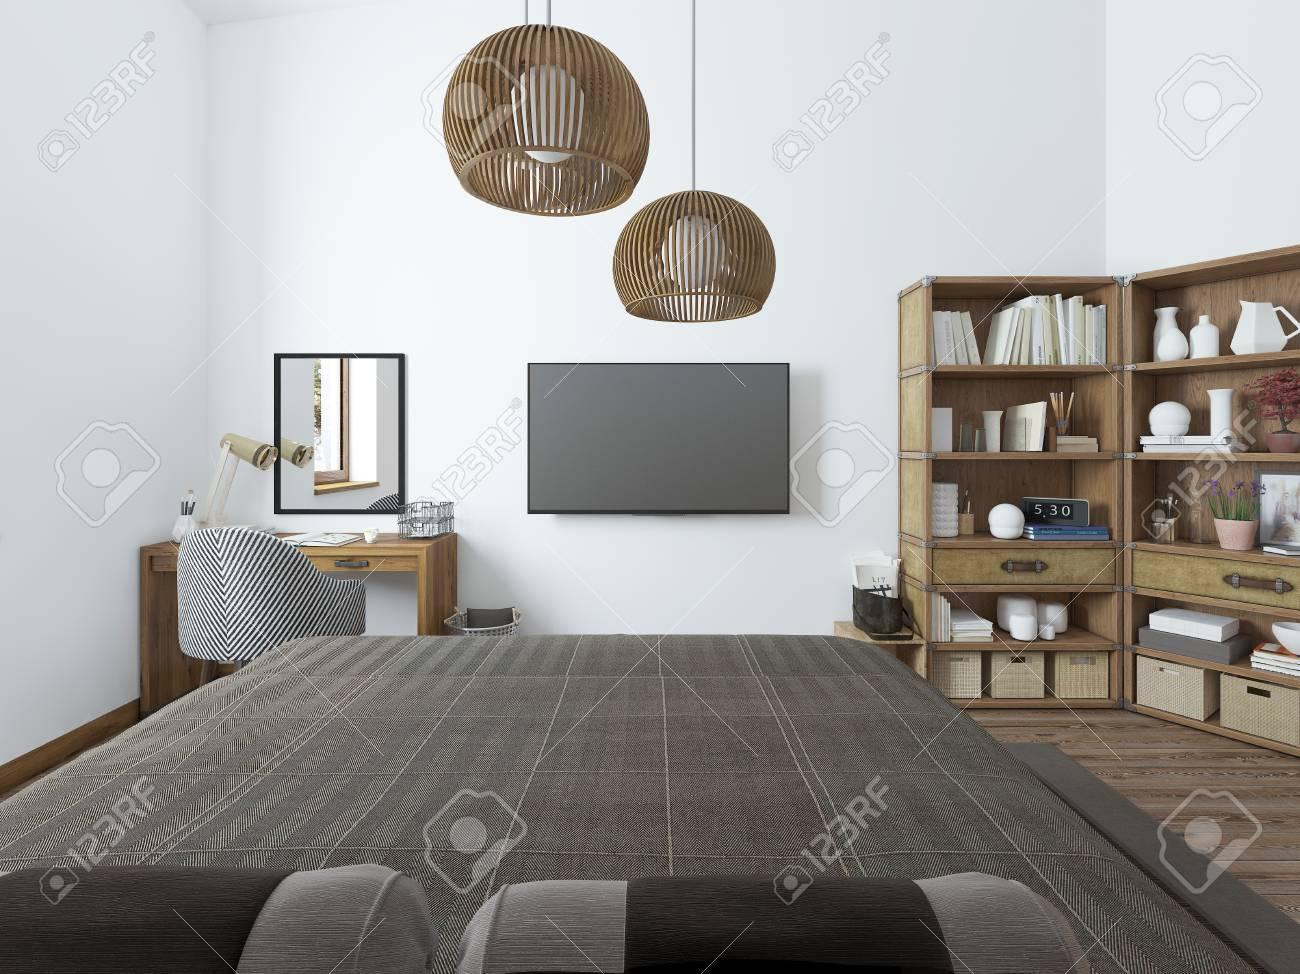 Chambre avec tv bureau et étagères de livres. chambre dans un style